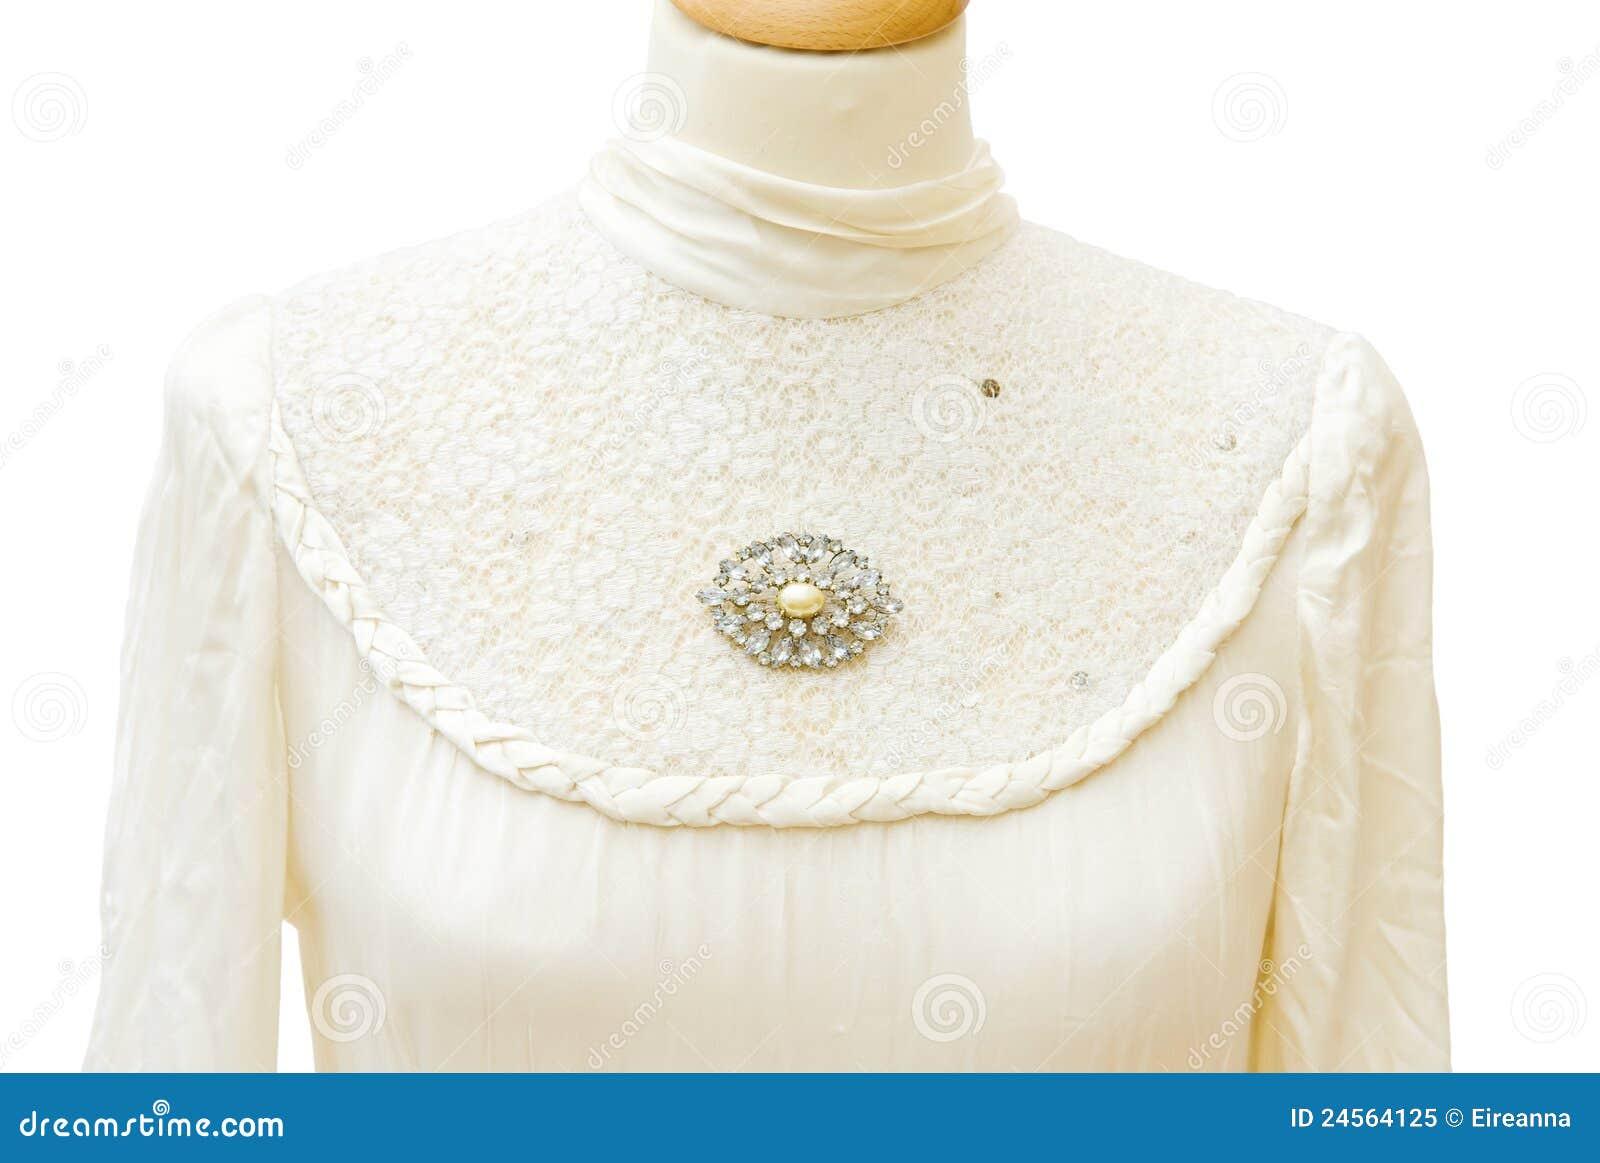 Robes de mari e 1930 peinture for Robes blanches simples pour le mariage de palais de justice